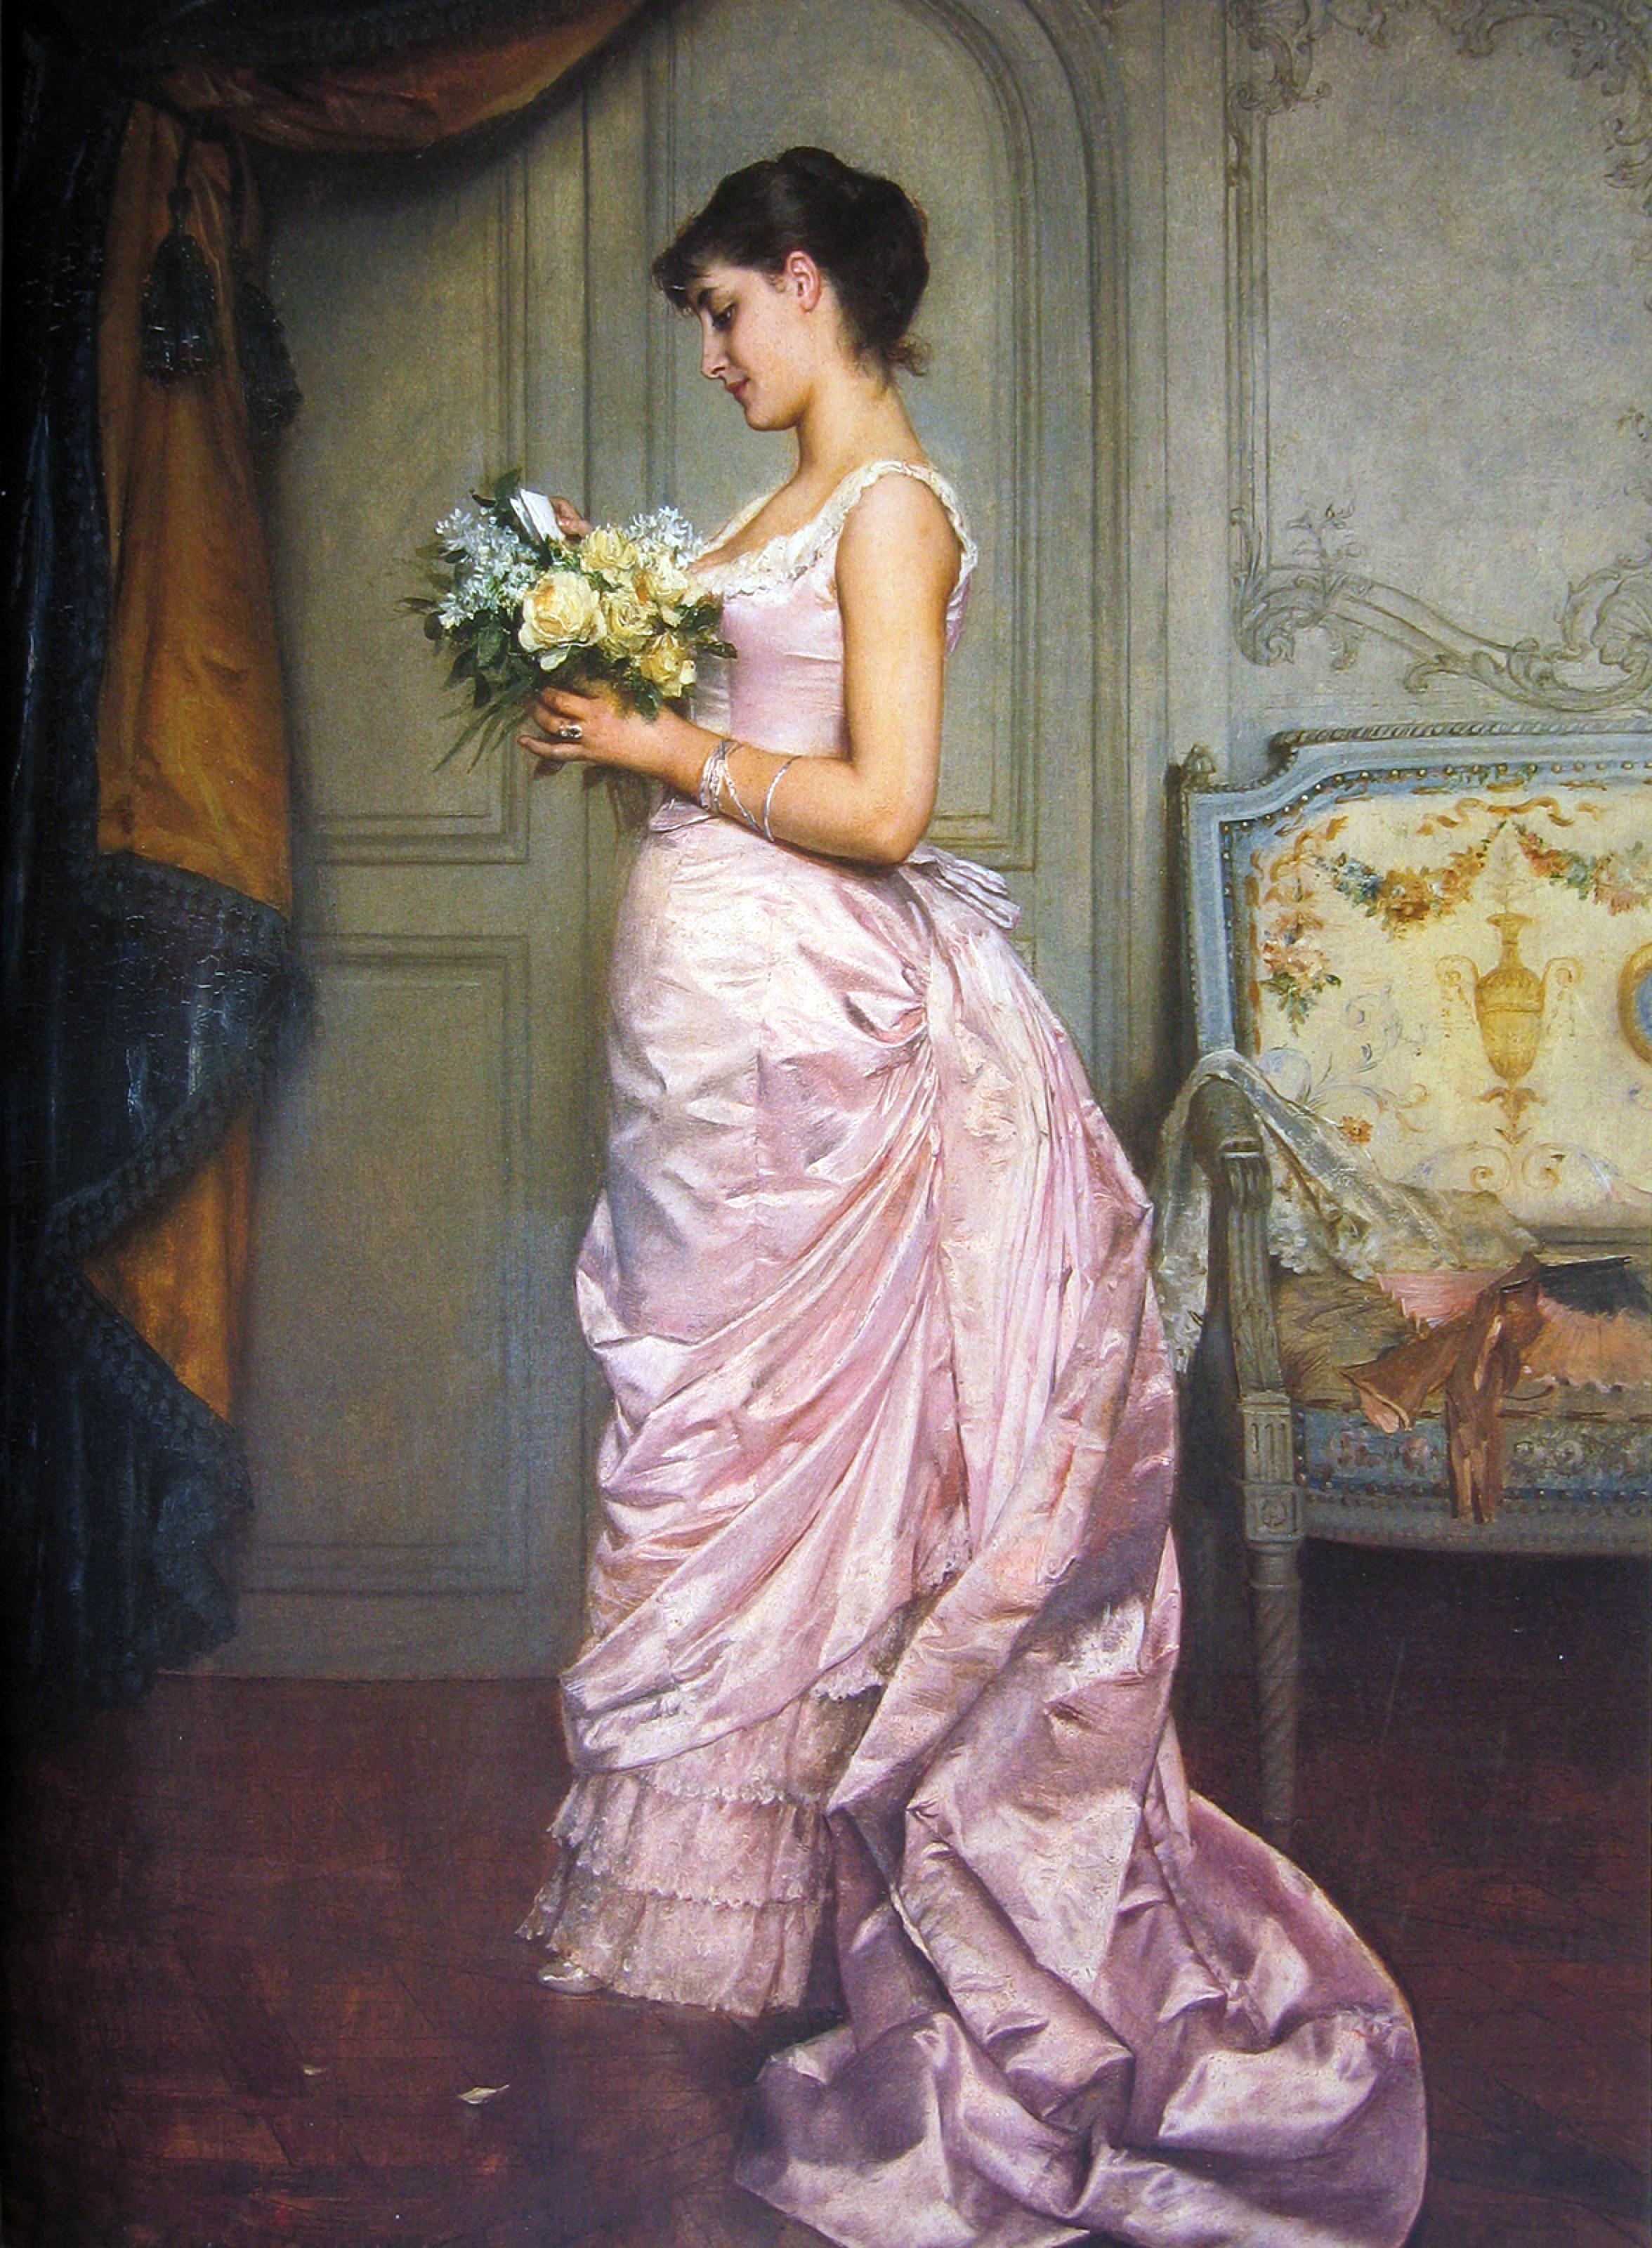 Frisuren frauen 1900